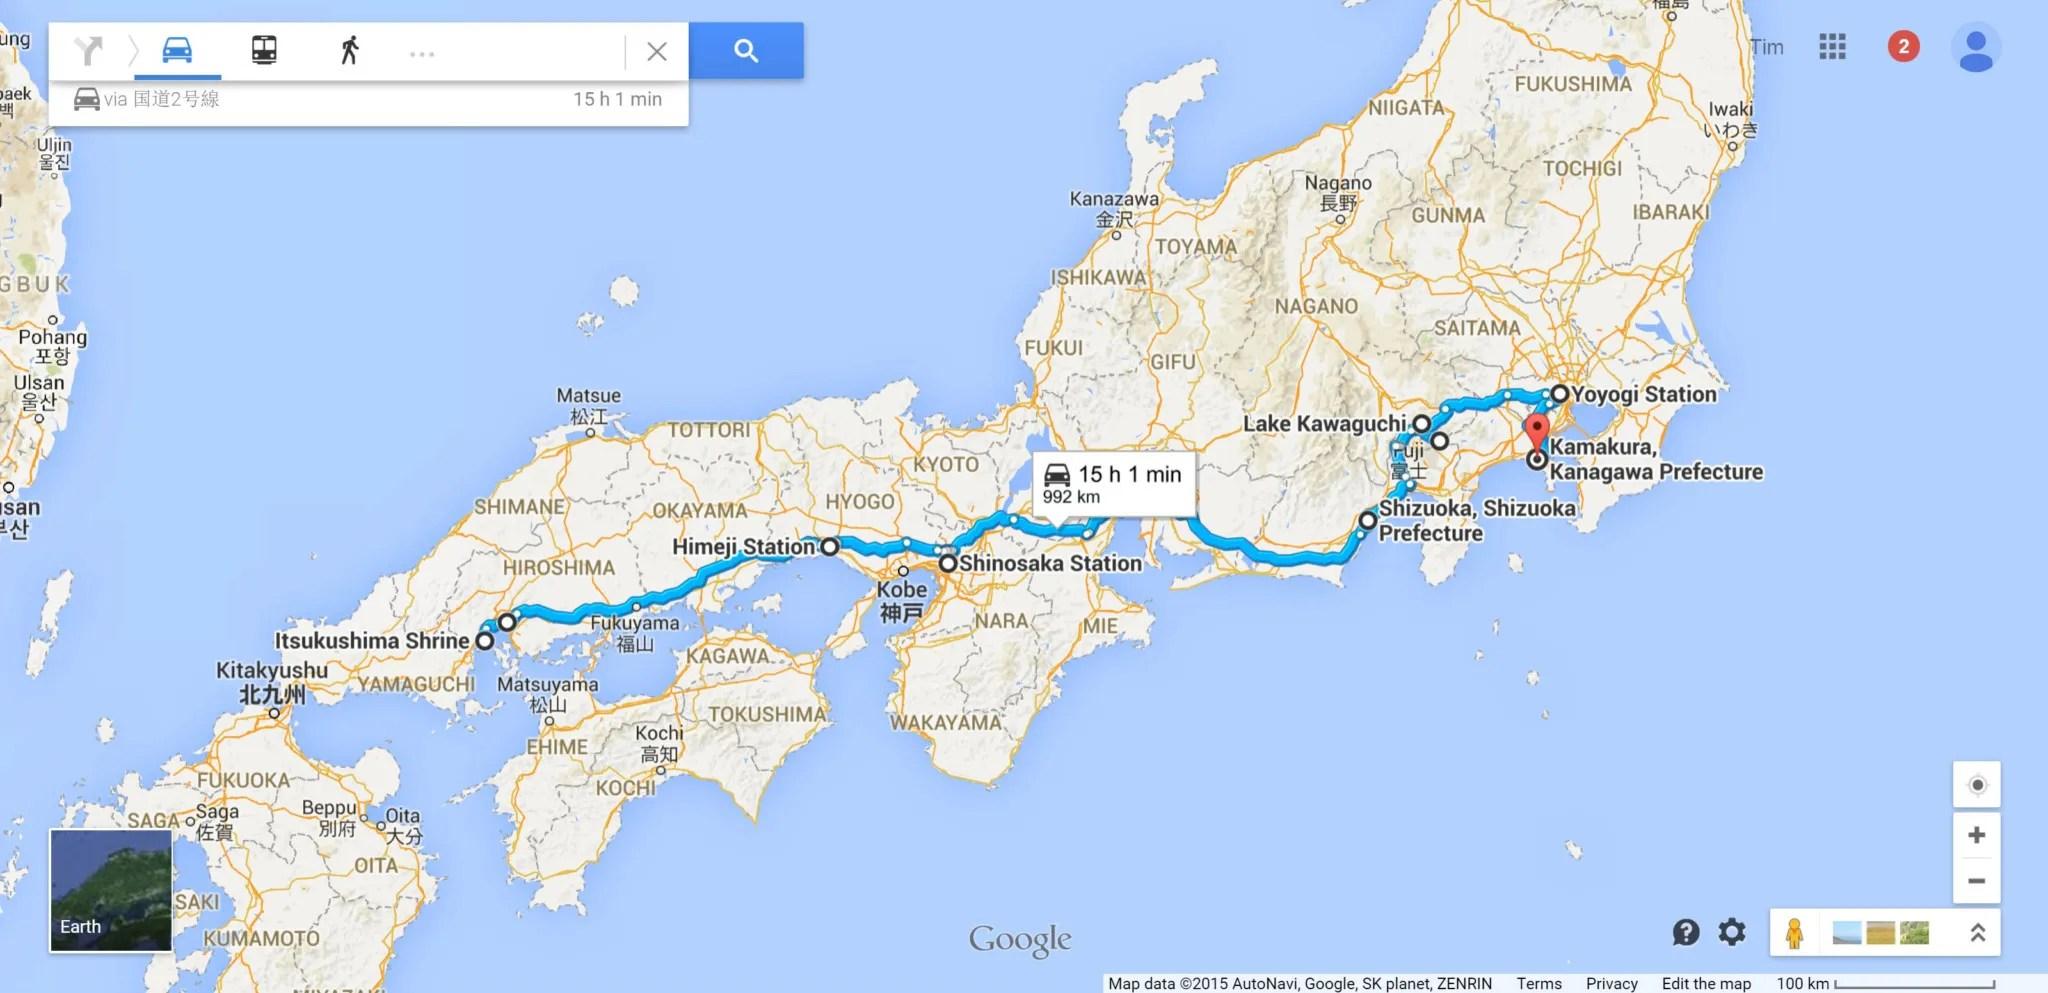 10 day Japan trip